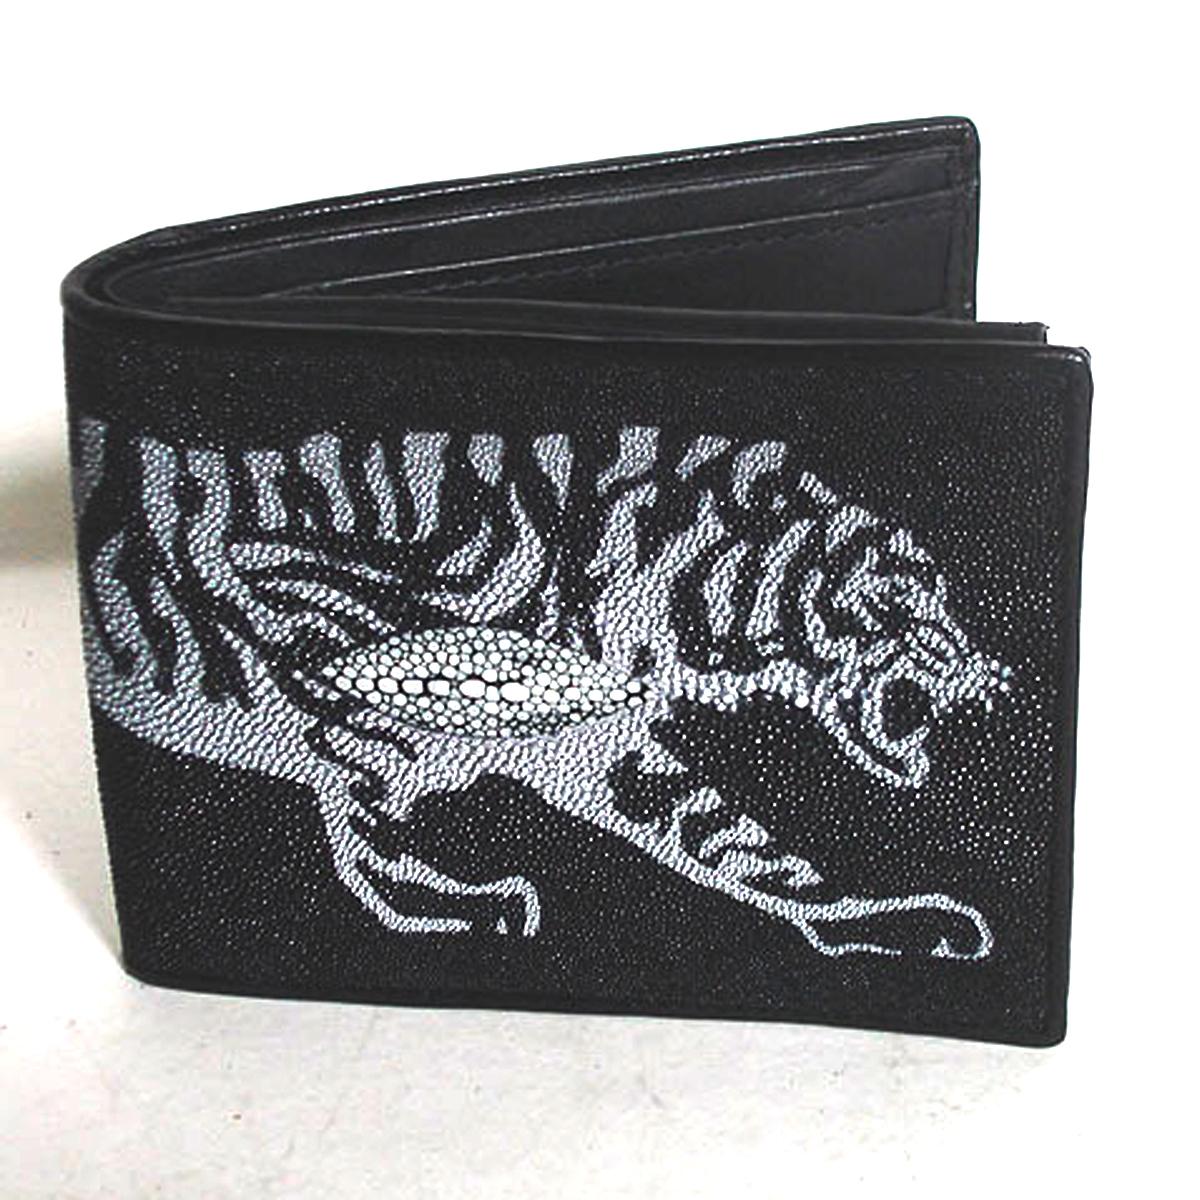 กระเป๋าหนังปลากระเบน ลายเสือขาว มีมุข